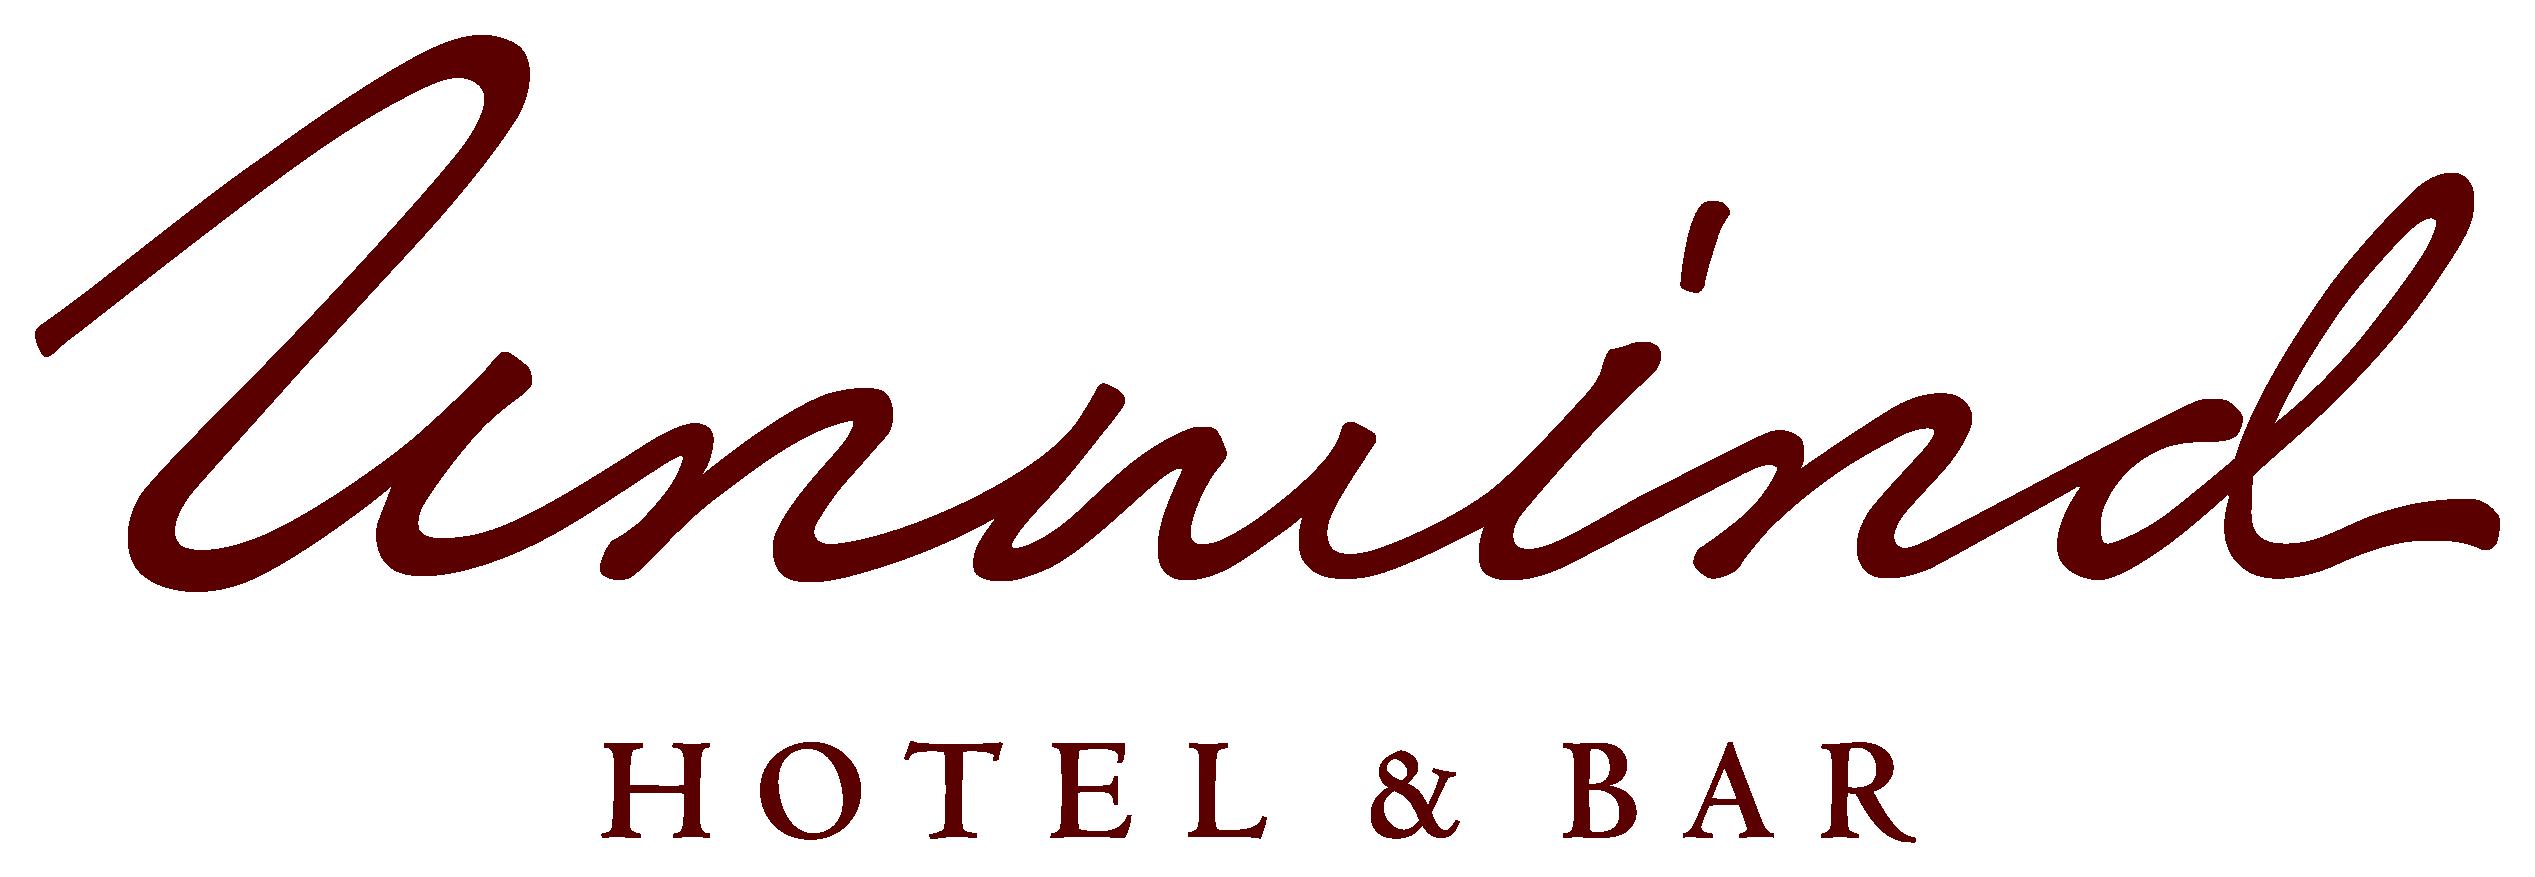 UNWIND HOTEL&BAR SAPPORO